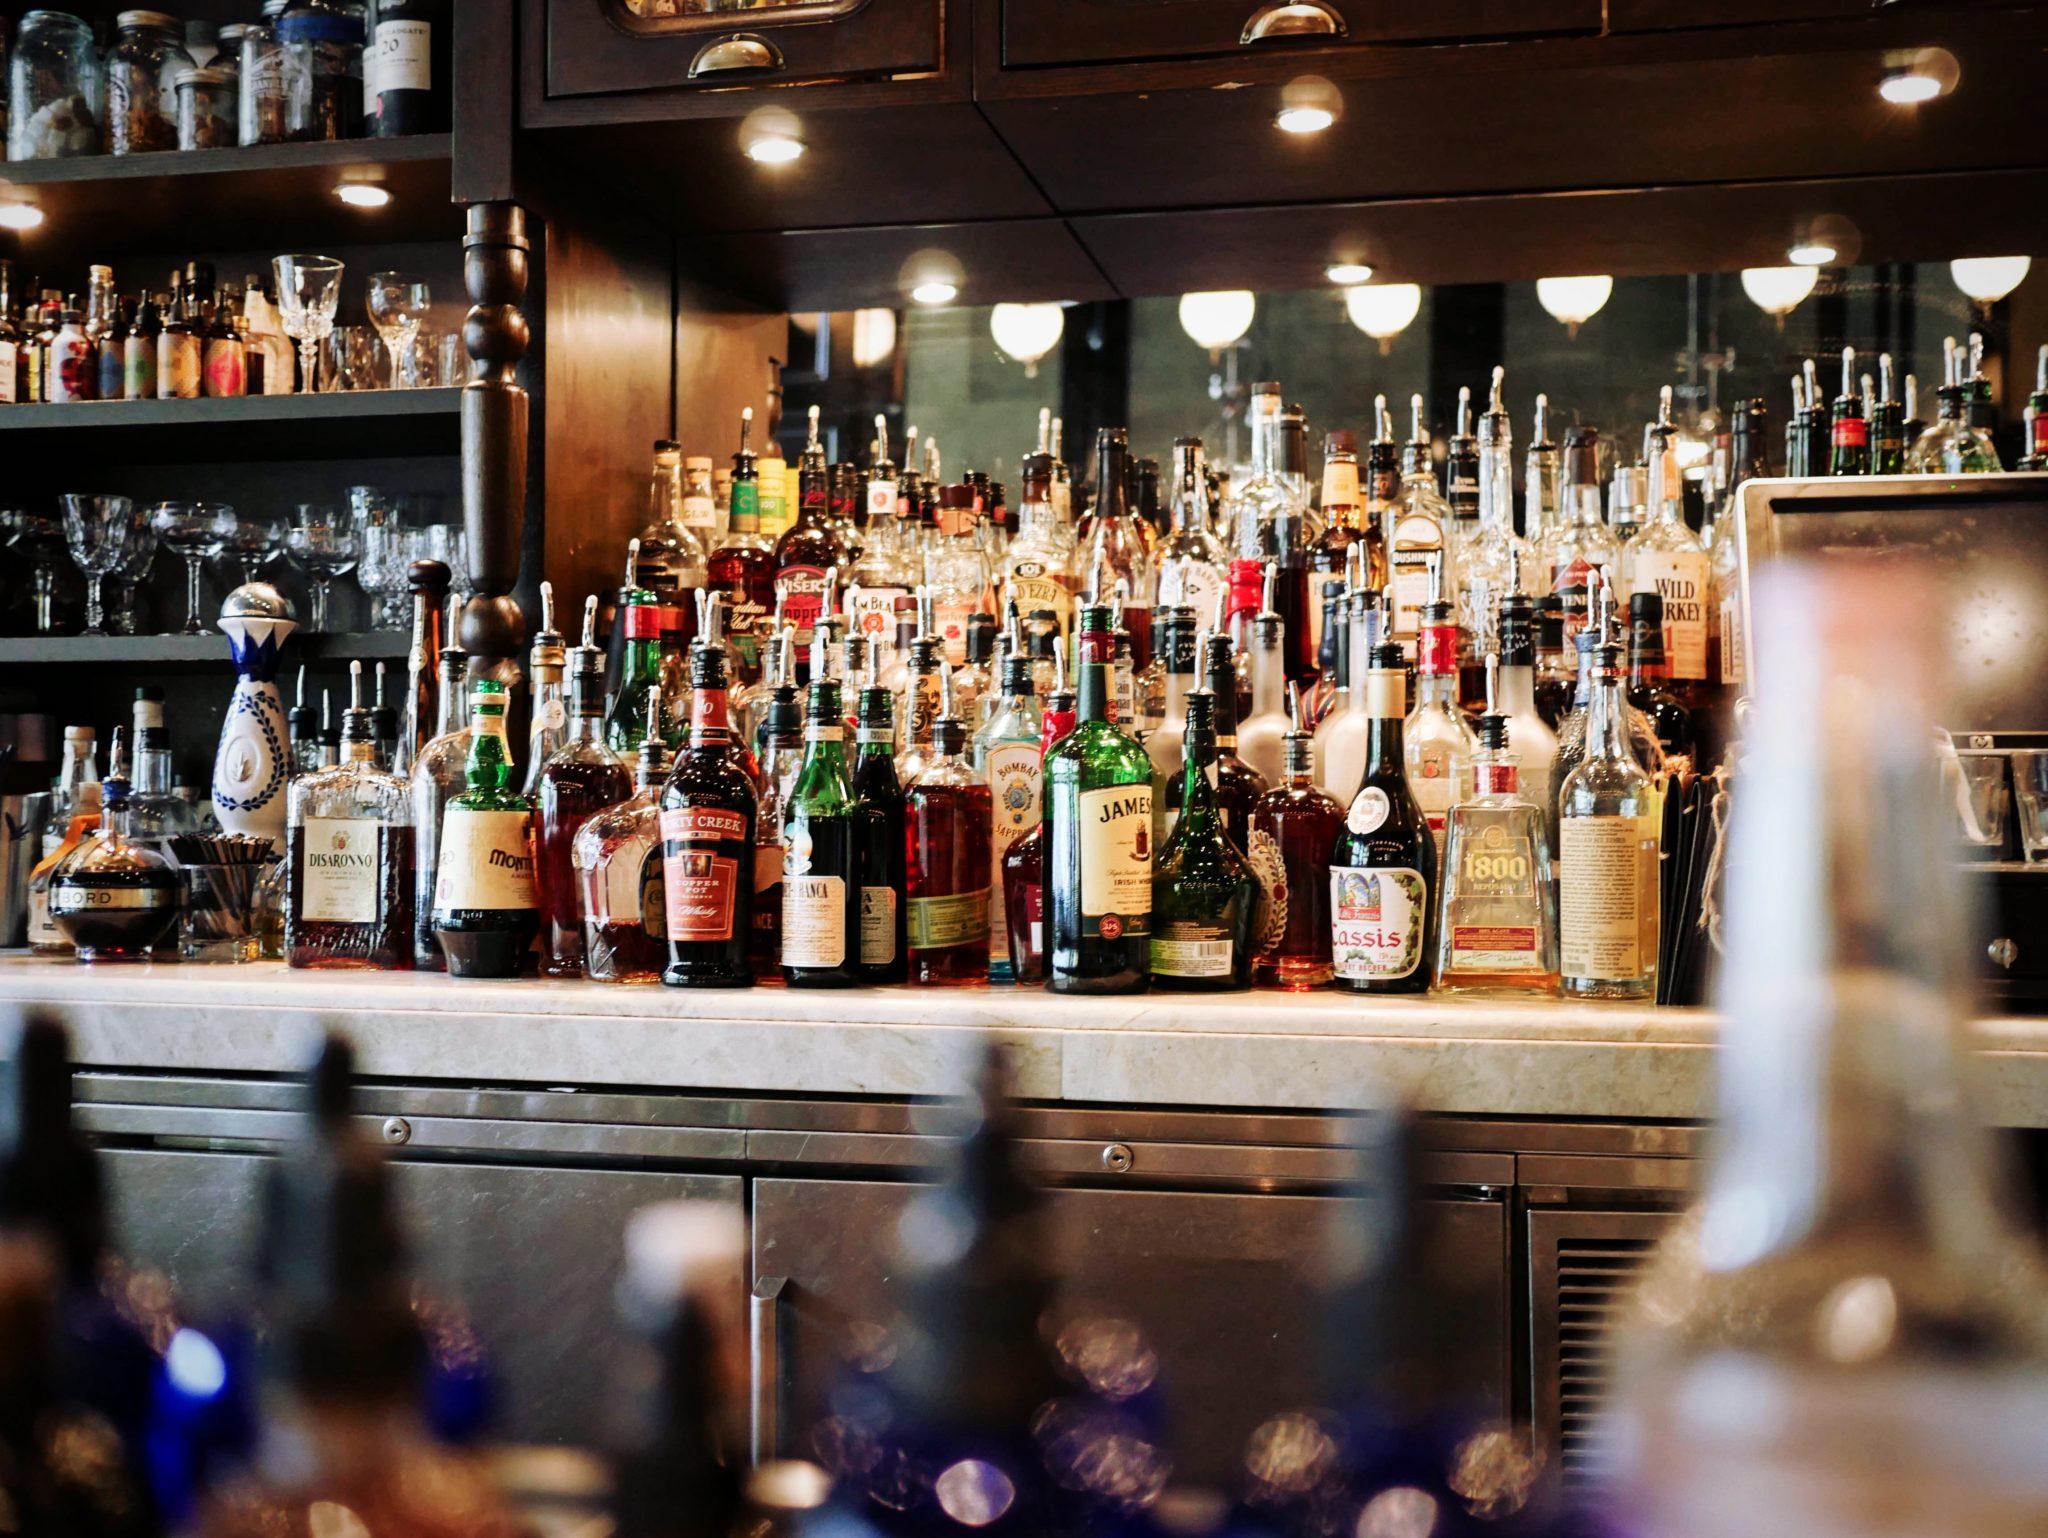 Domowy minibar część 2: Alkohol